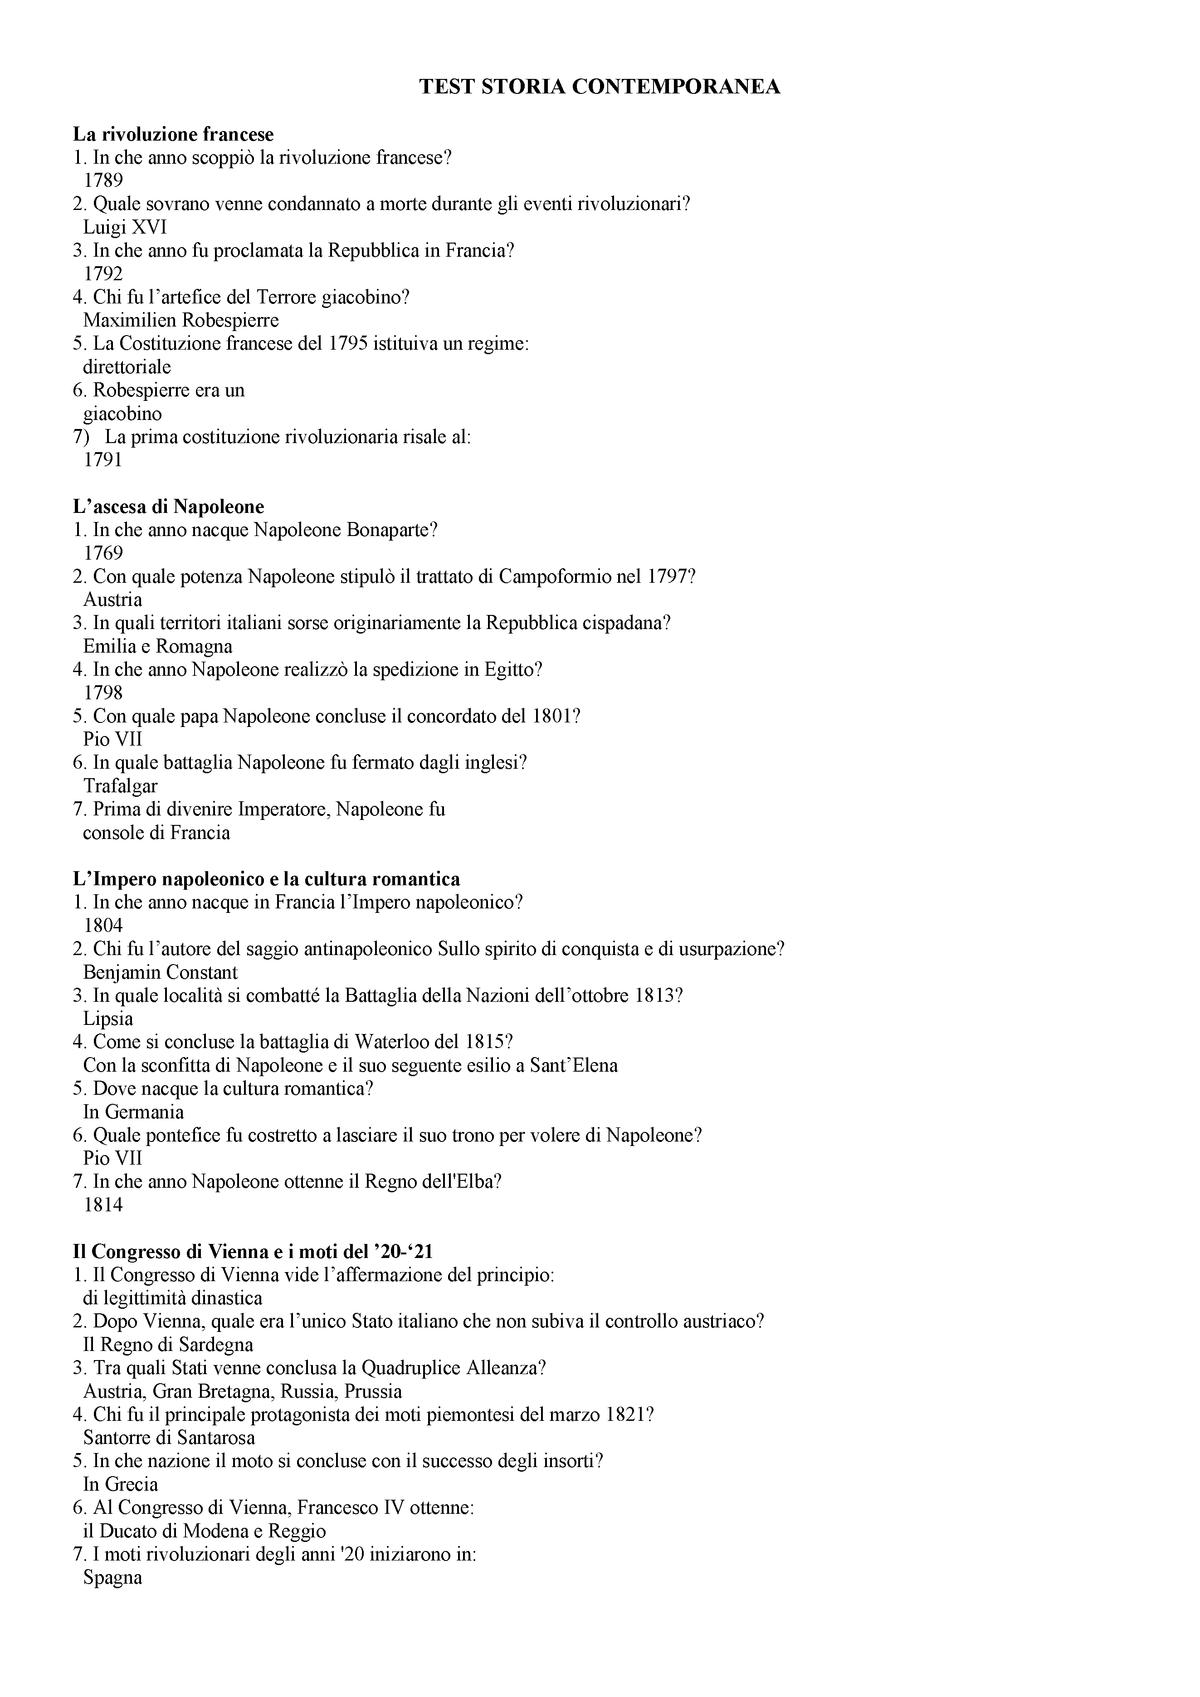 Test Storia Contemporanea Studocu